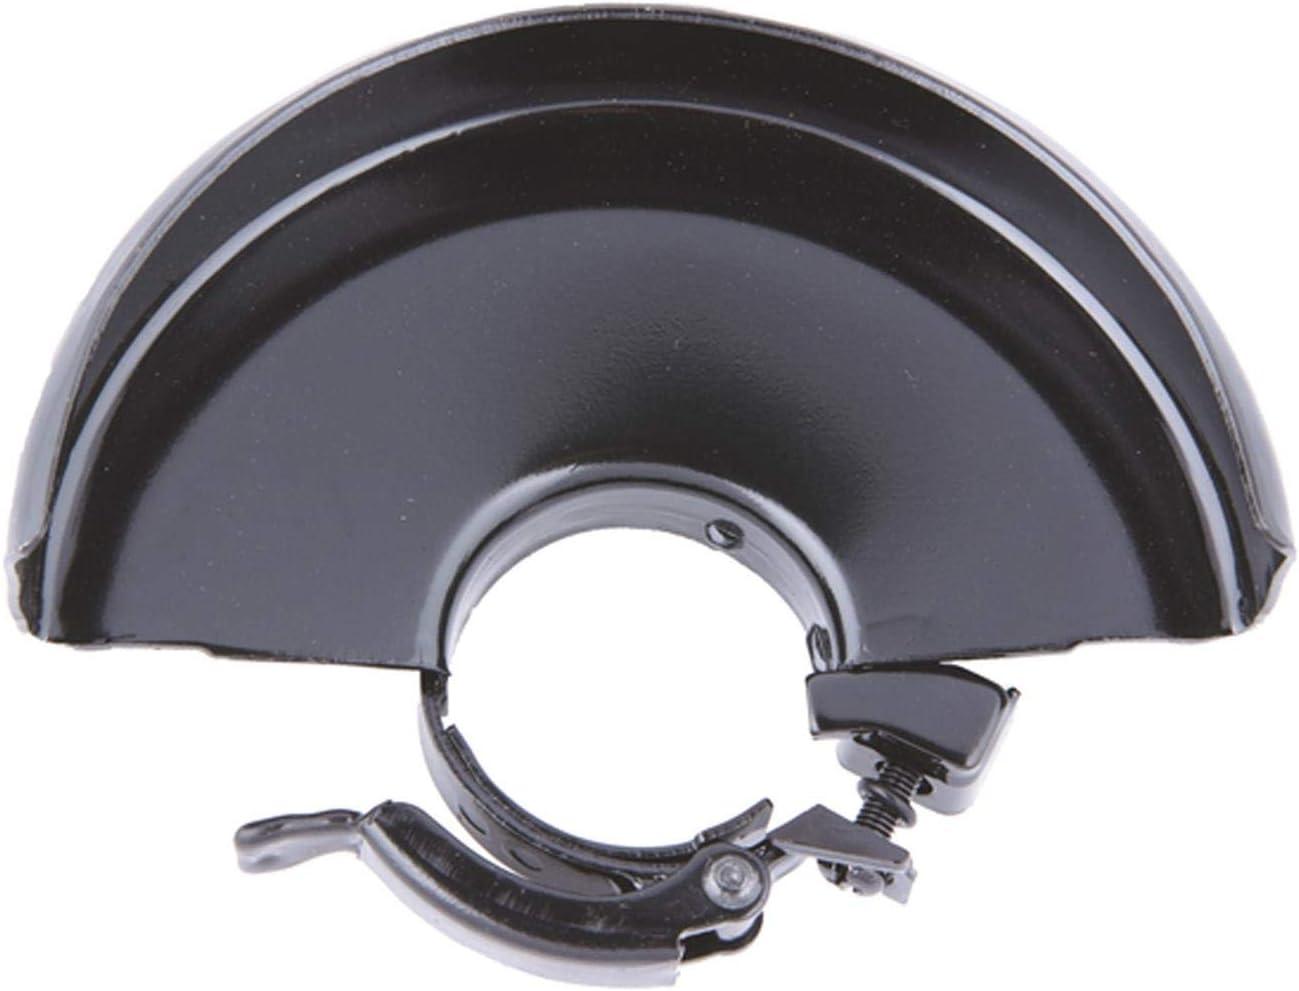 Makita GA5040CF01 Amoladora angular 125 mm, 1400 W